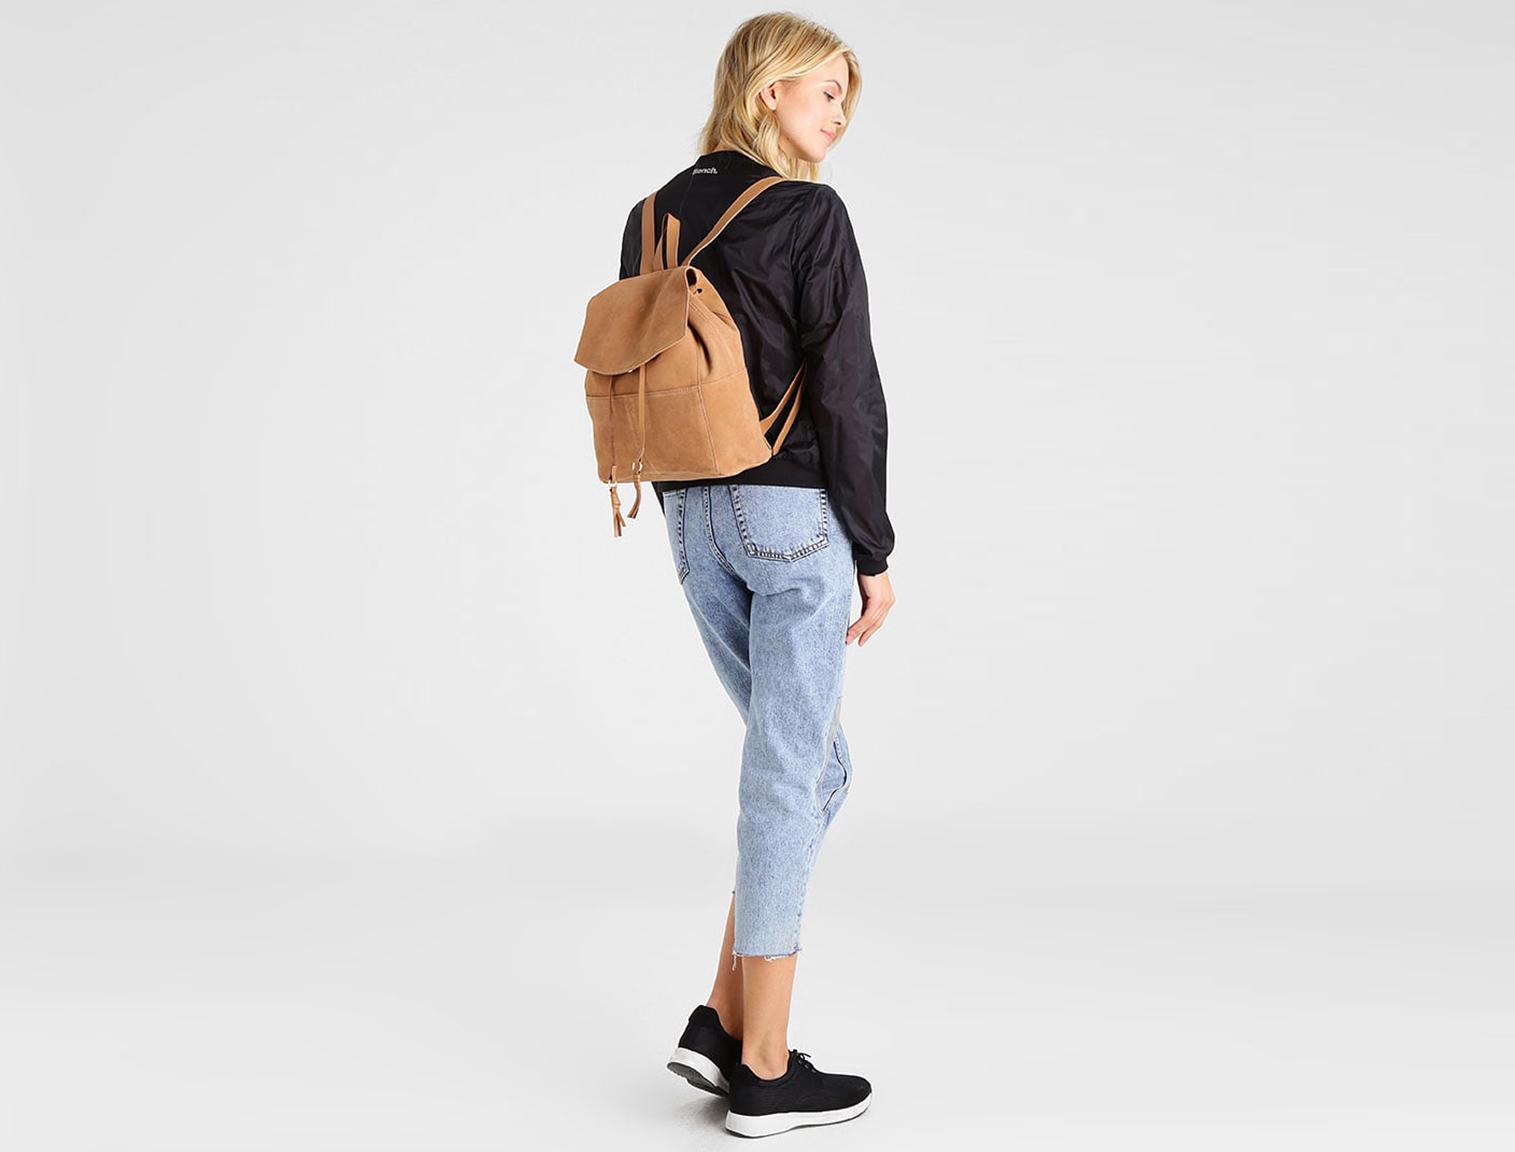 Mujer con mochila de piel marrón